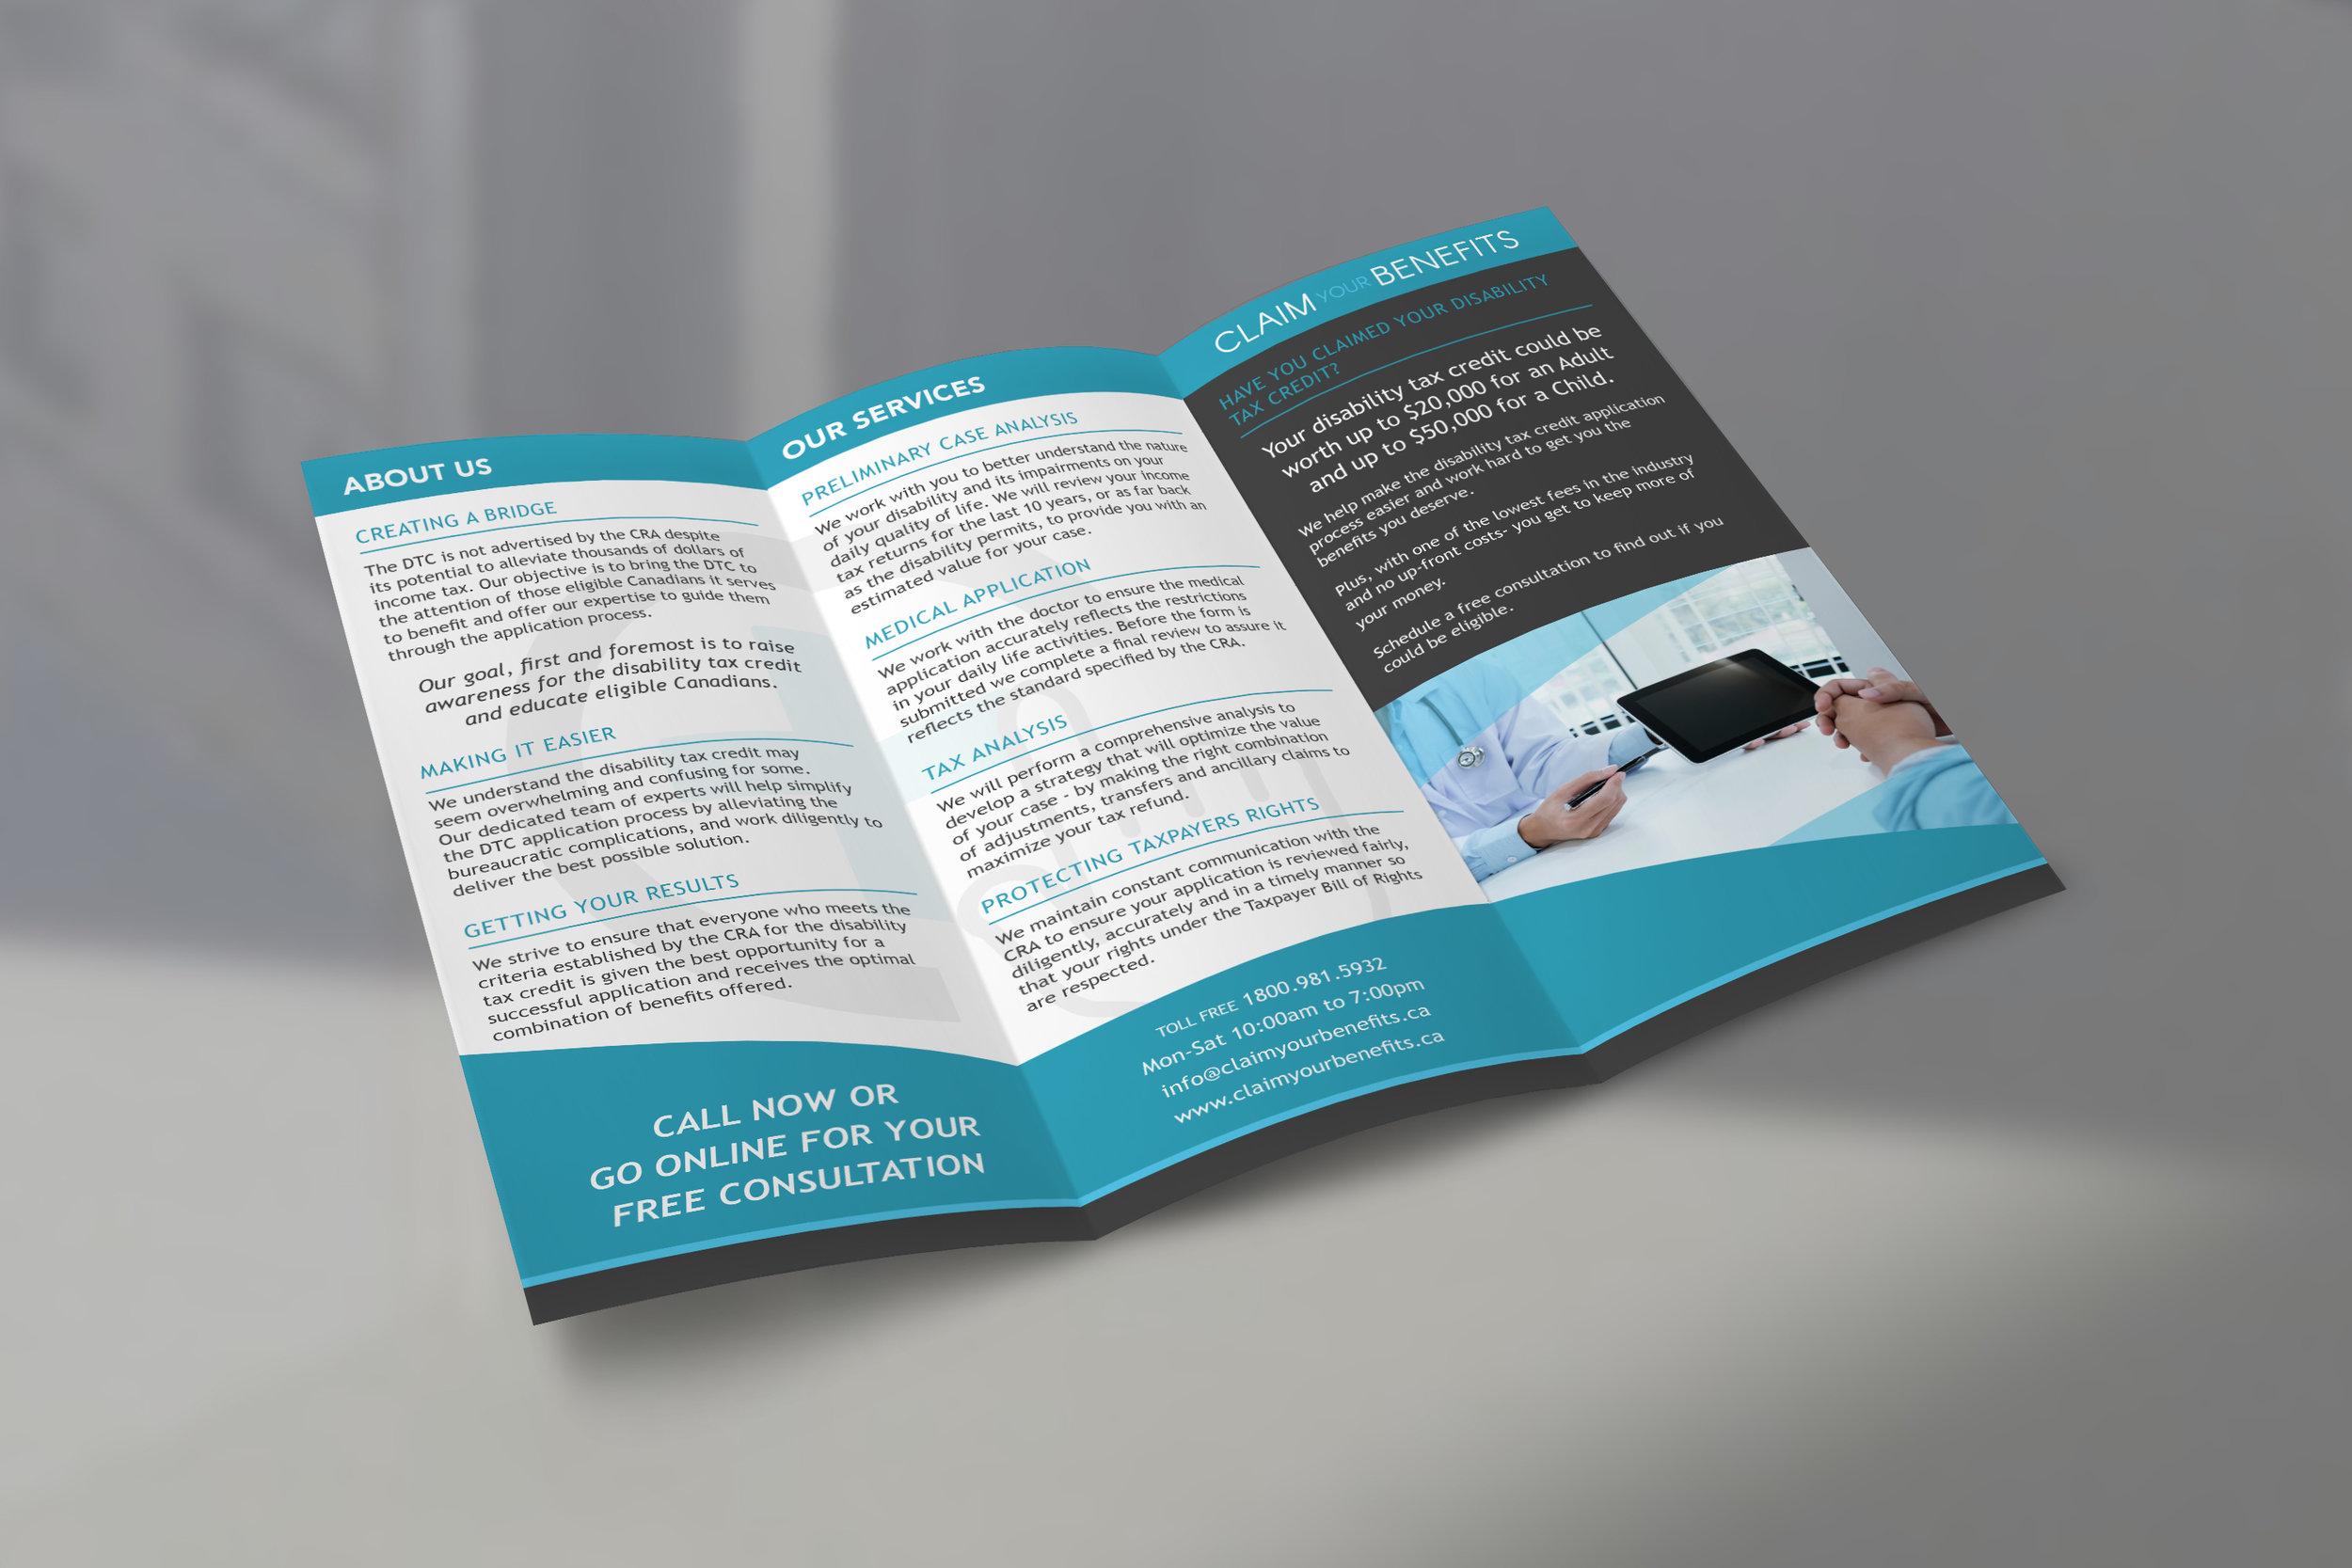 Trifold Brochure Mock-Up - pag1.jpg